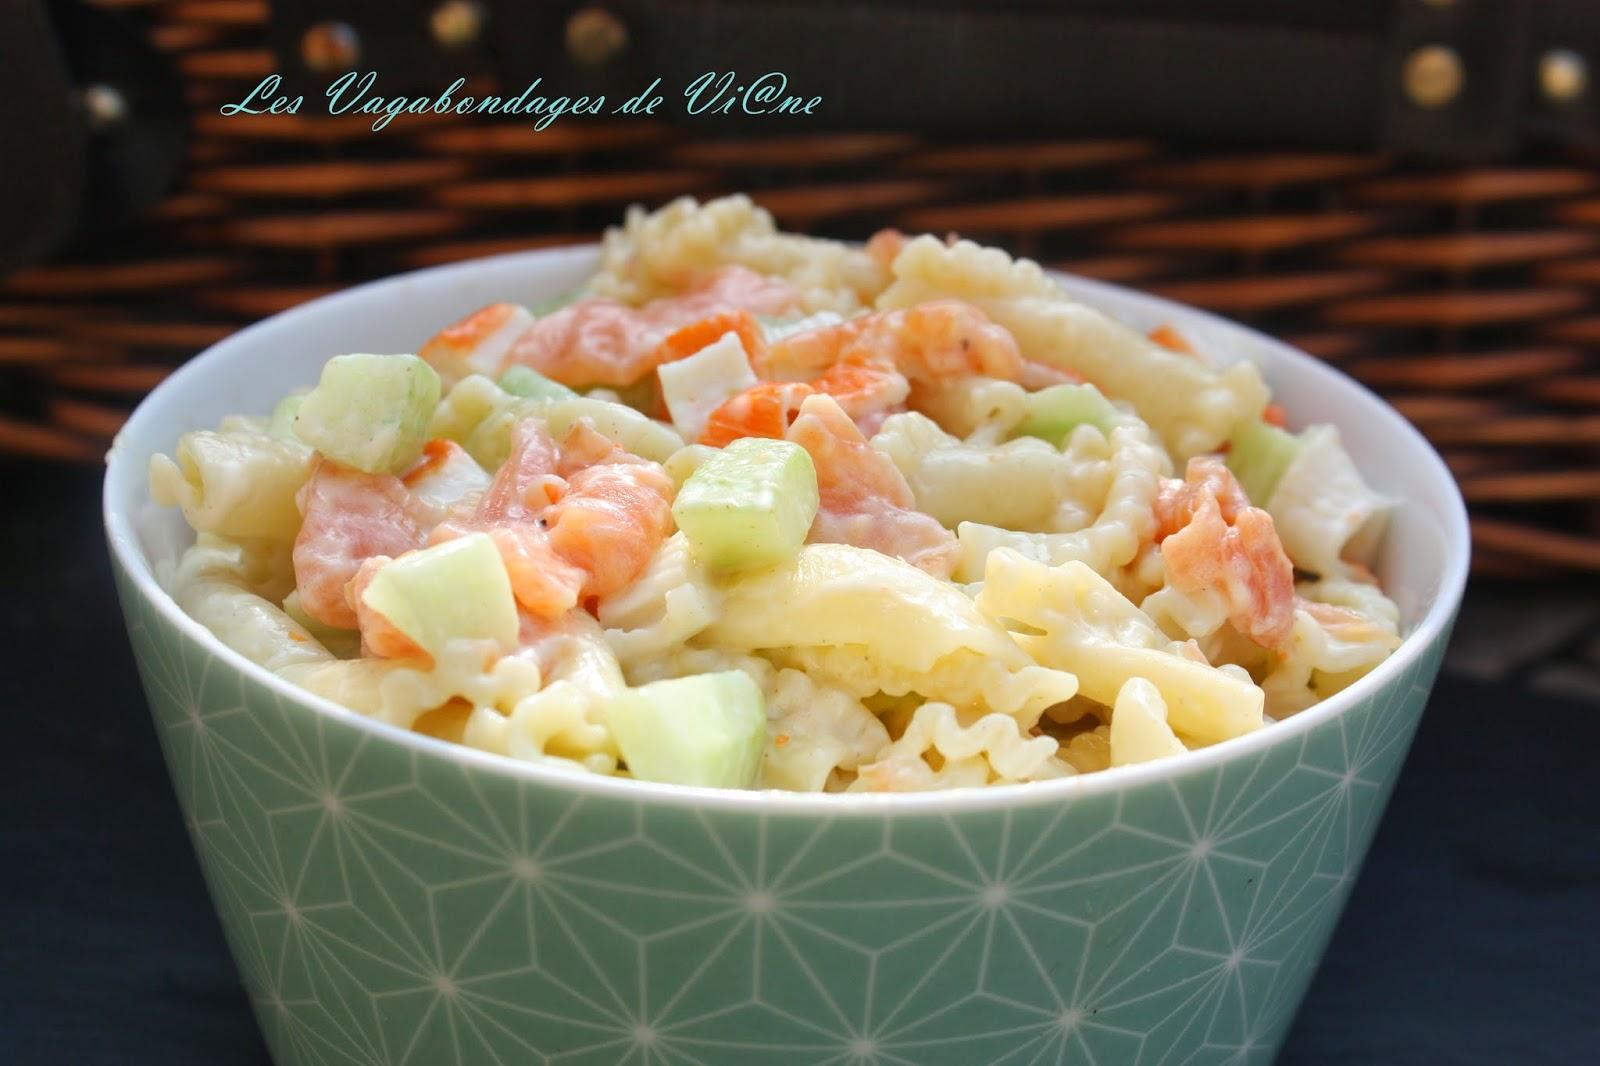 salade de p tes saumon surimi concombre par les vagabondages de vi ne. Black Bedroom Furniture Sets. Home Design Ideas